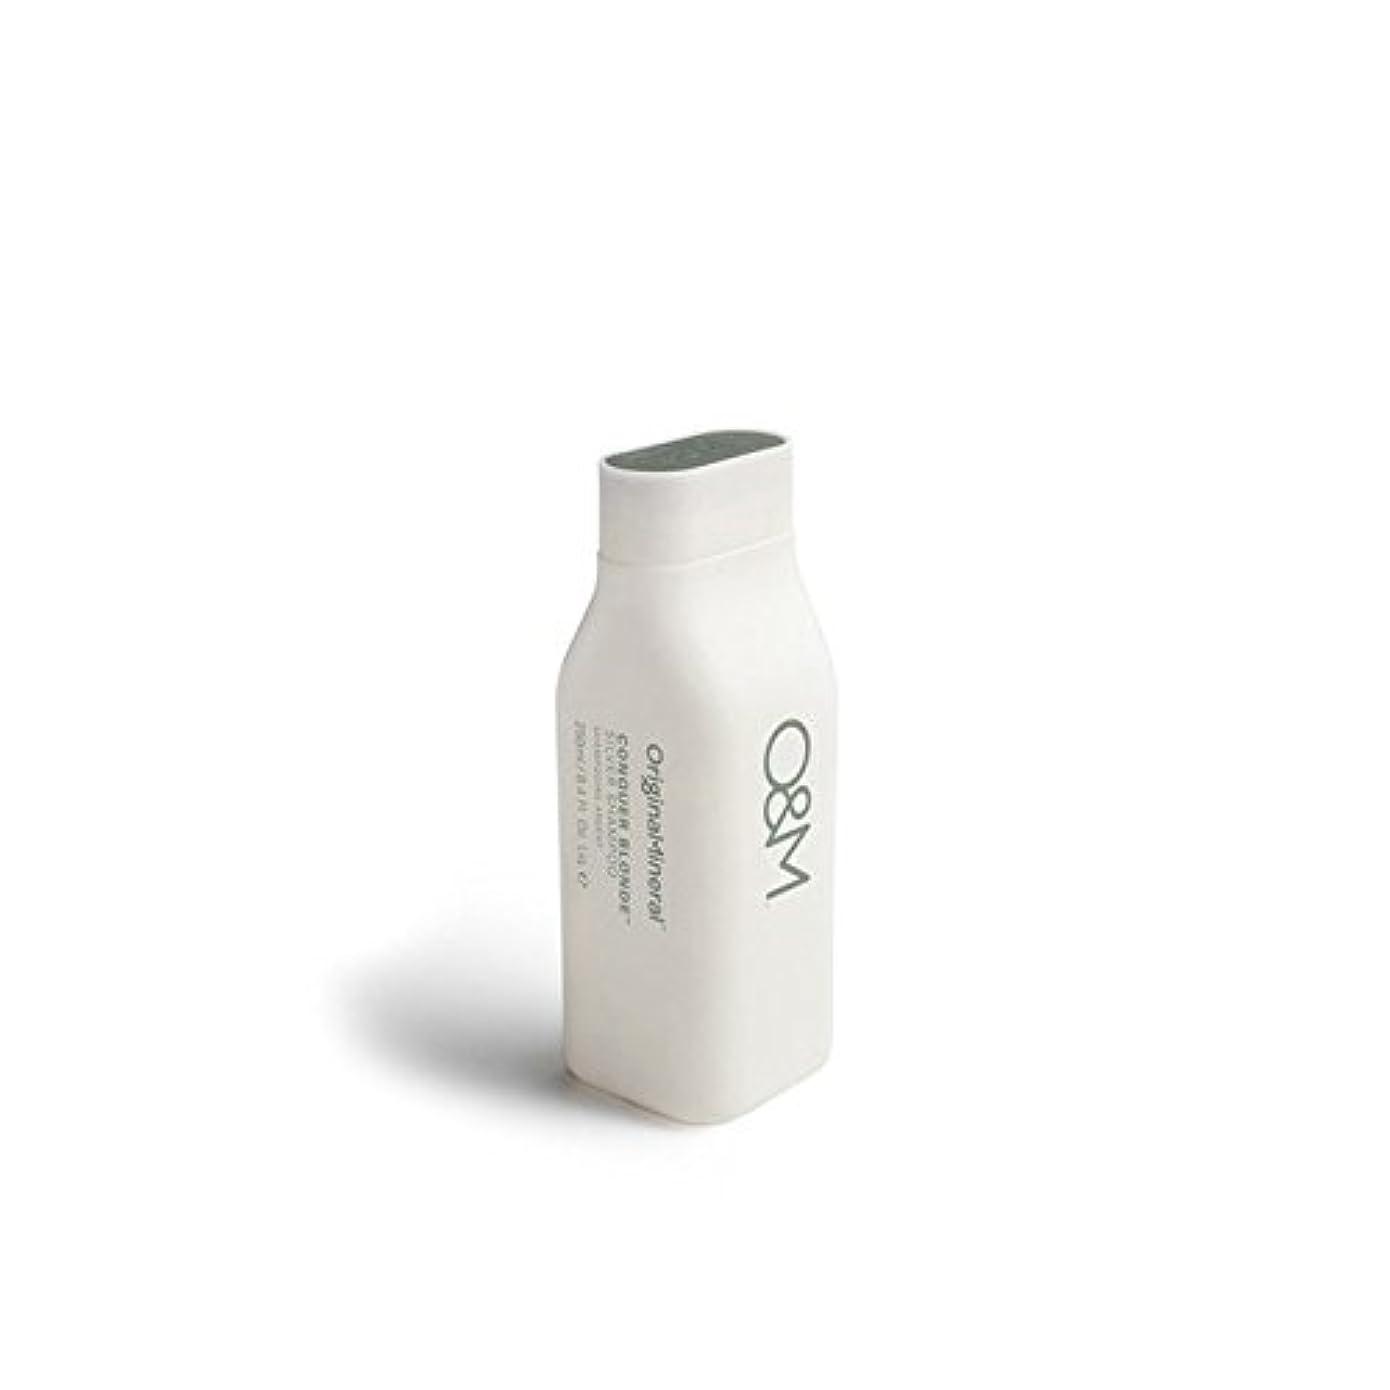 支出乳白色誰でもオリジナル&ミネラル統治ブロンド銀シャンプー(250ミリリットル) x2 - Original & Mineral Conquer Blonde Silver Shampoo (250ml) (Pack of 2) [並行輸入品]